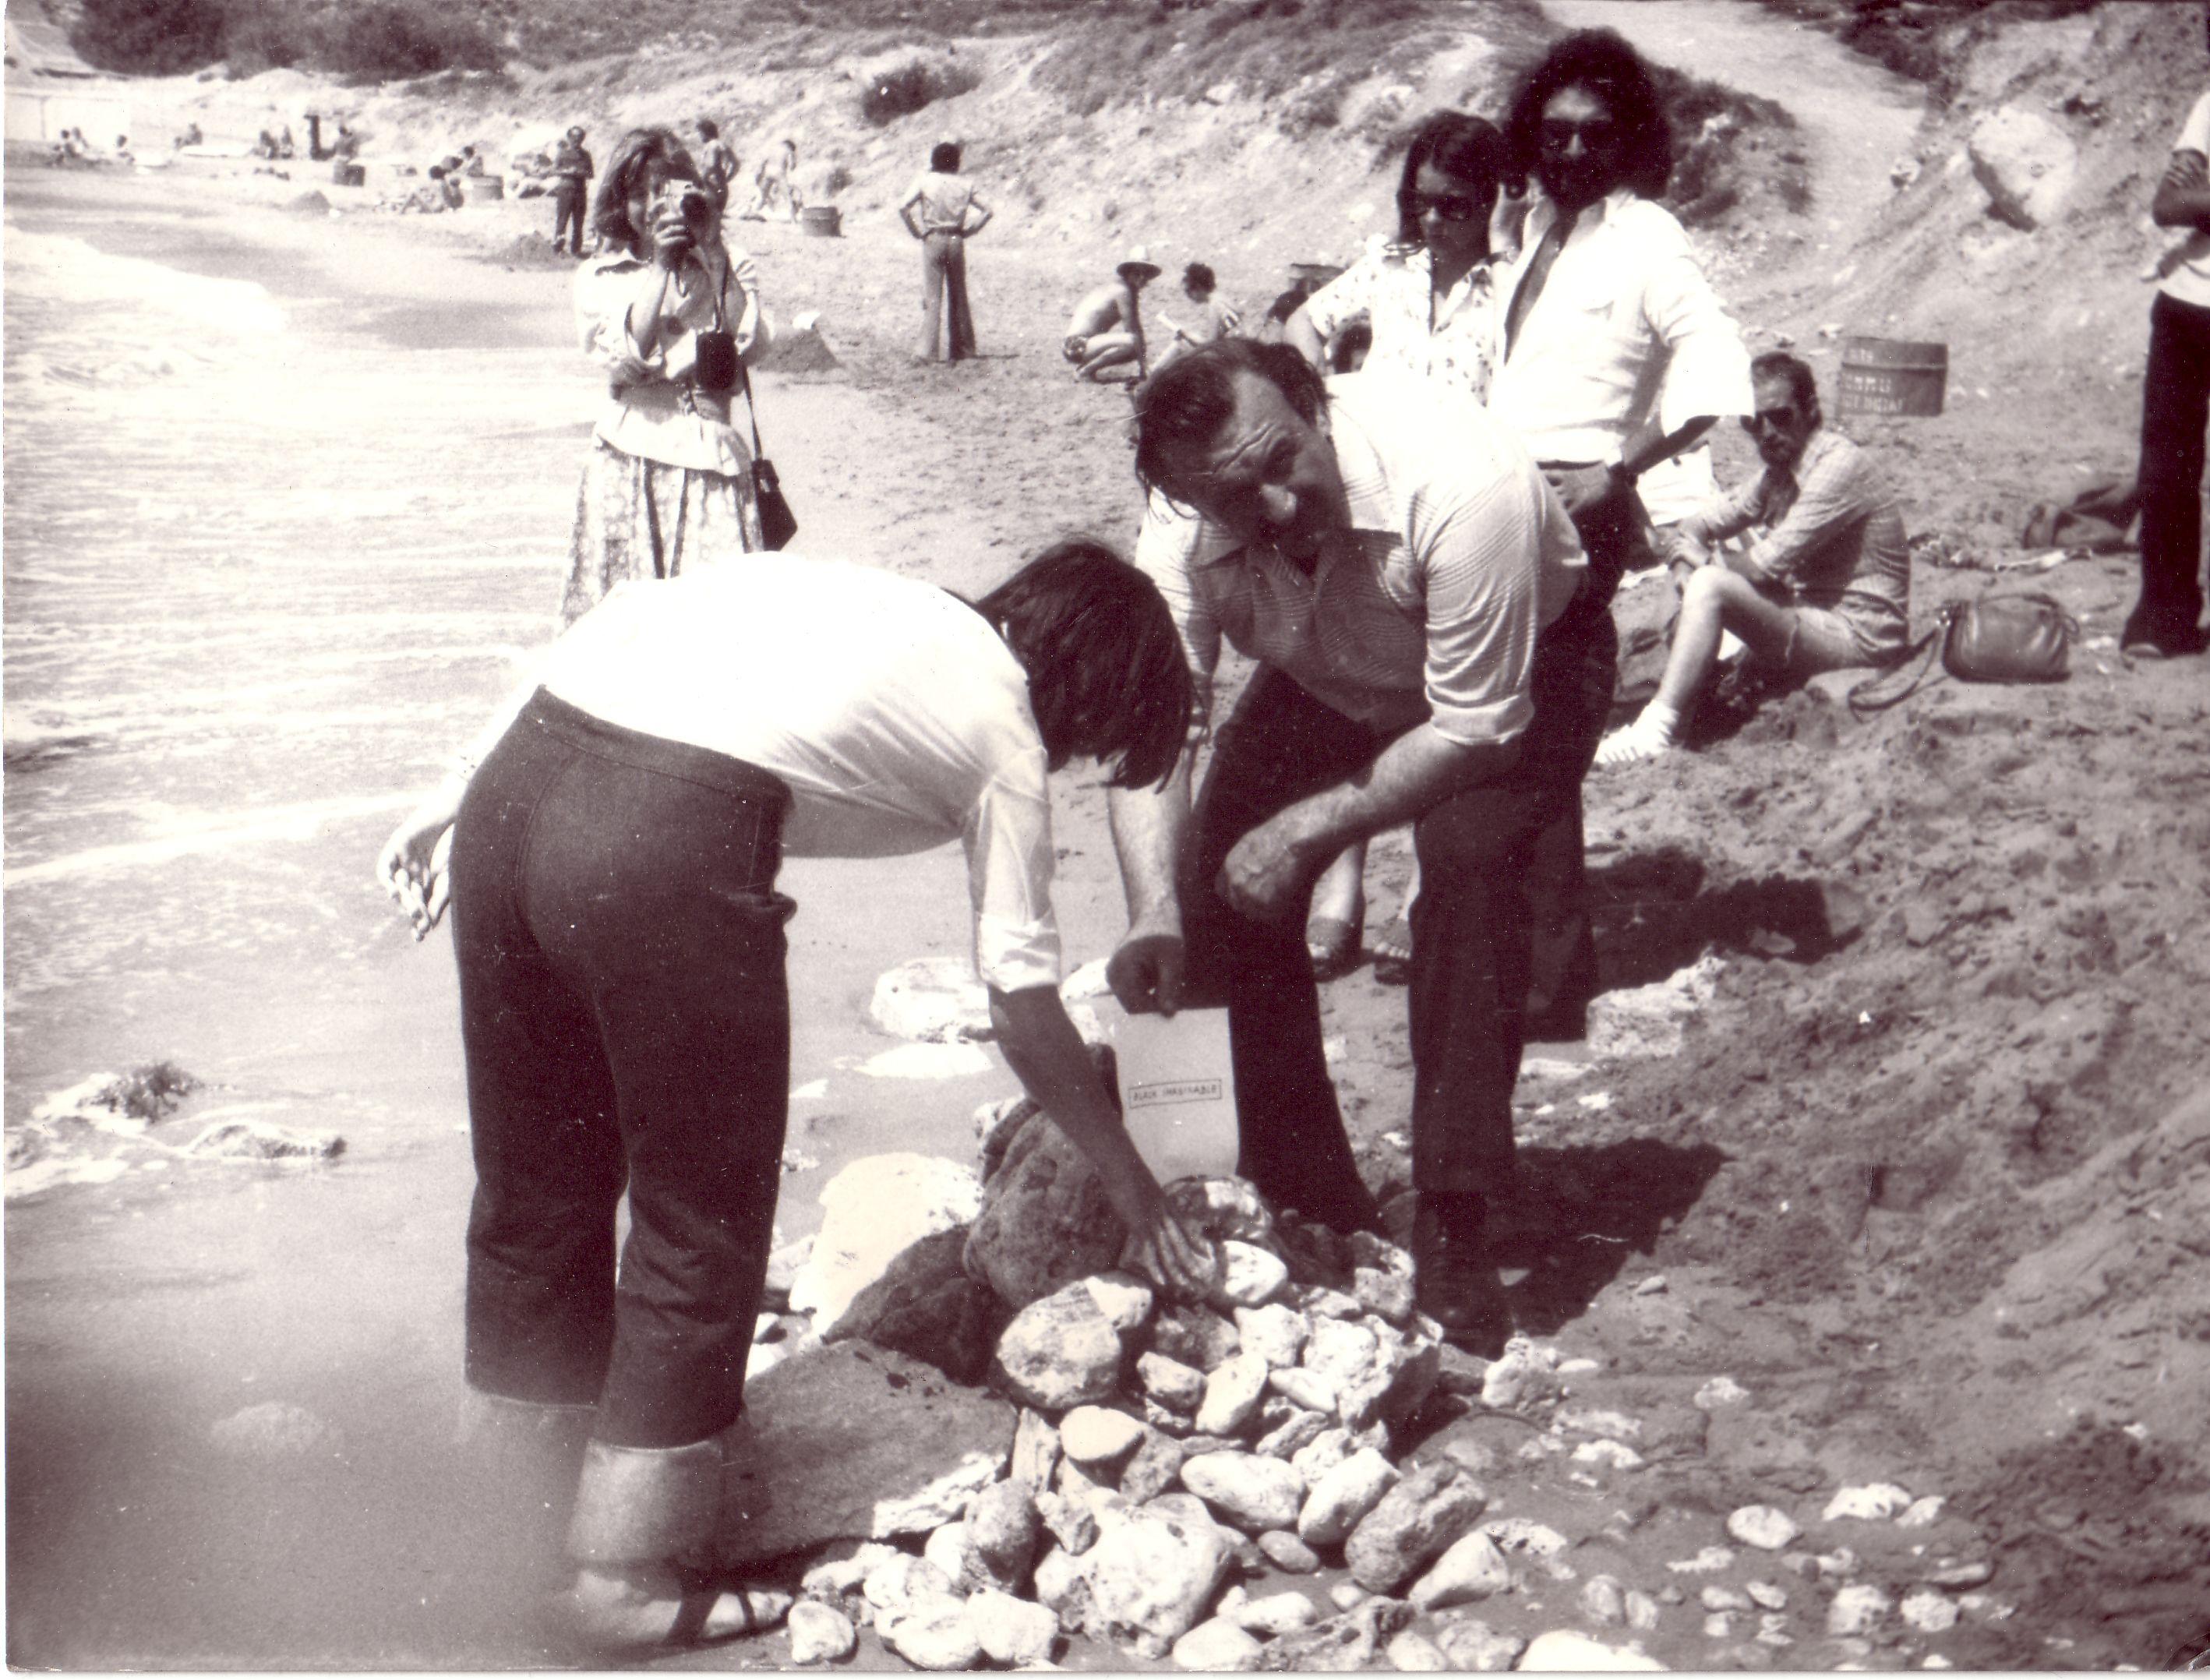 Wyznaczanie Linii granicznej, Malta 1975